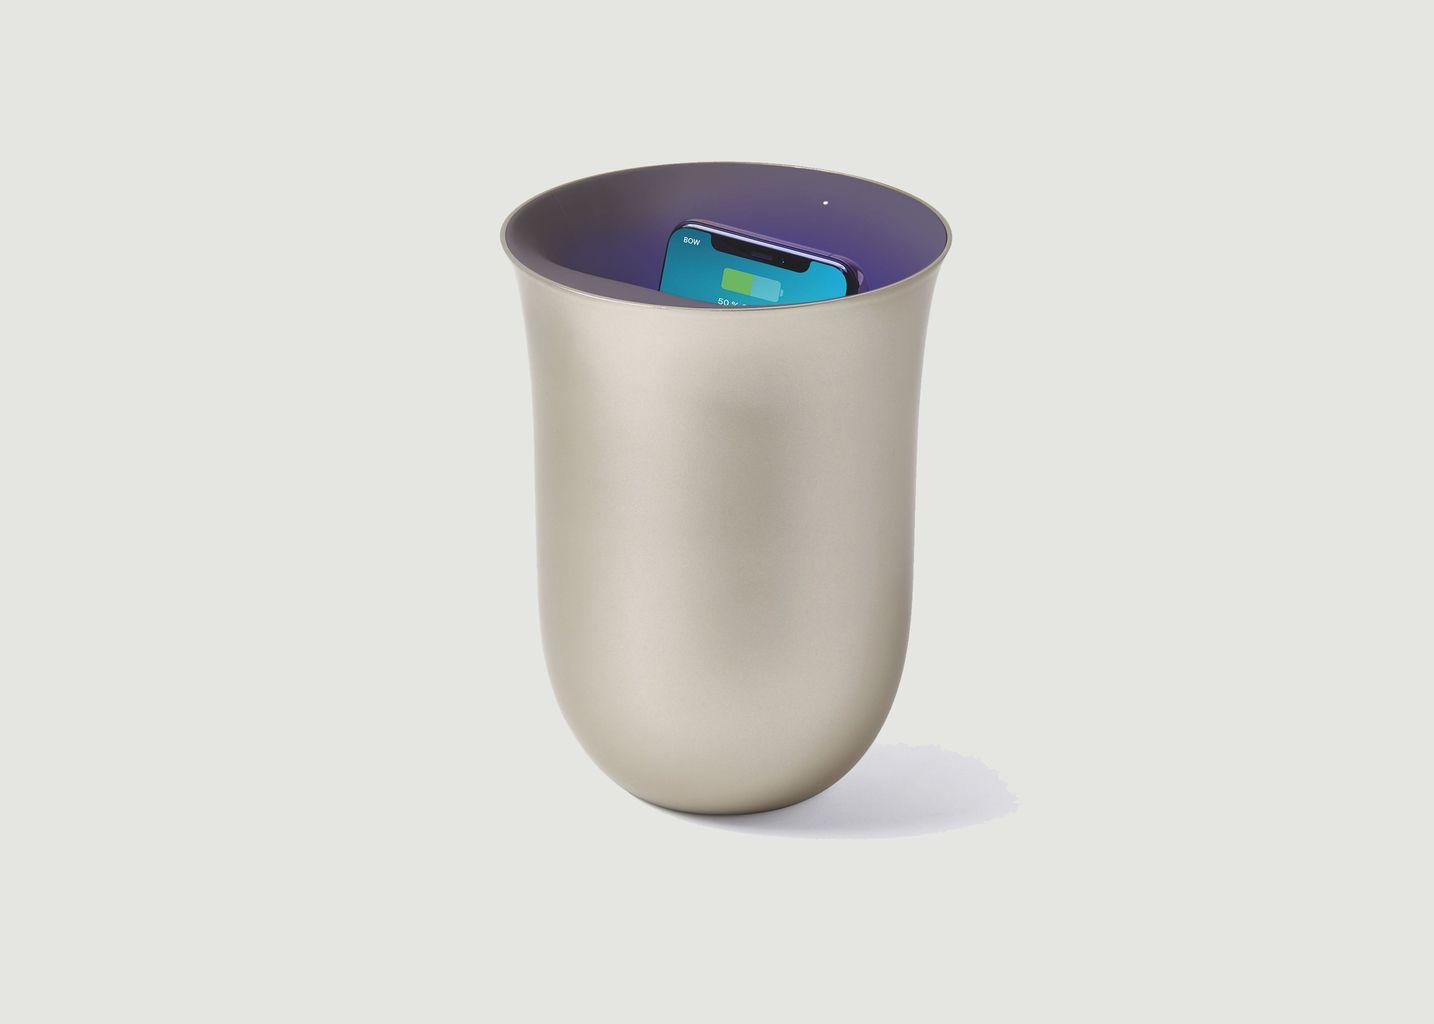 Station de charge à induction & stérilisateur Oblio - Lexon Design